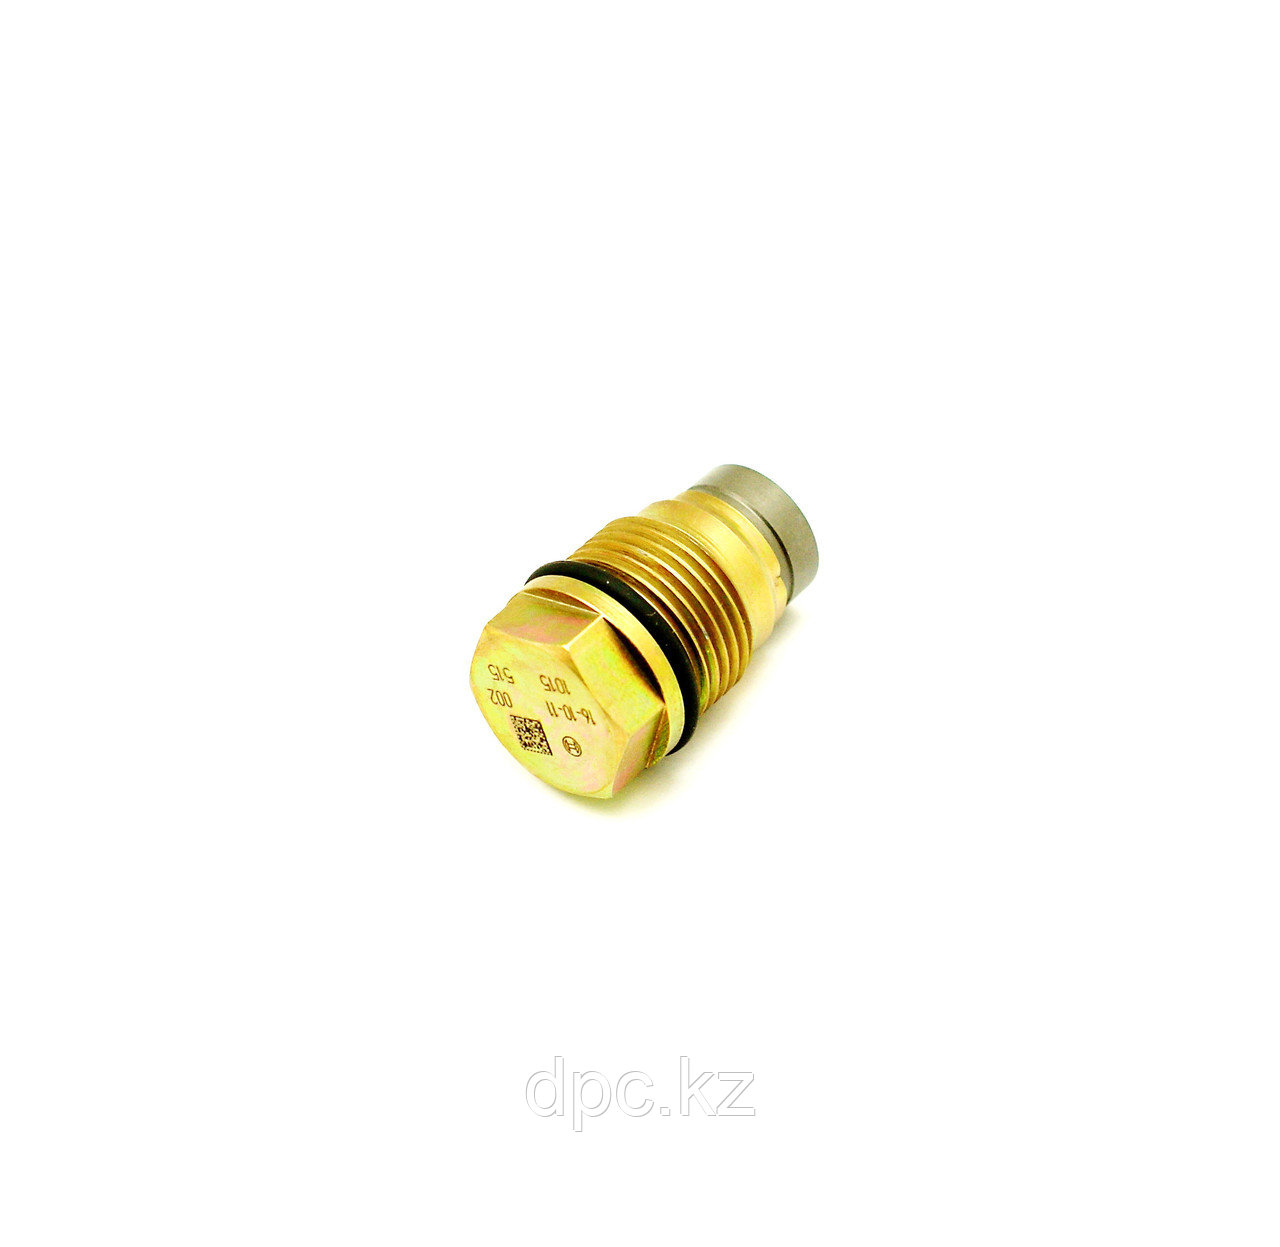 Клапан редукционный в рампе Cummins ISBe 6.7 E-4 4938005 4930429